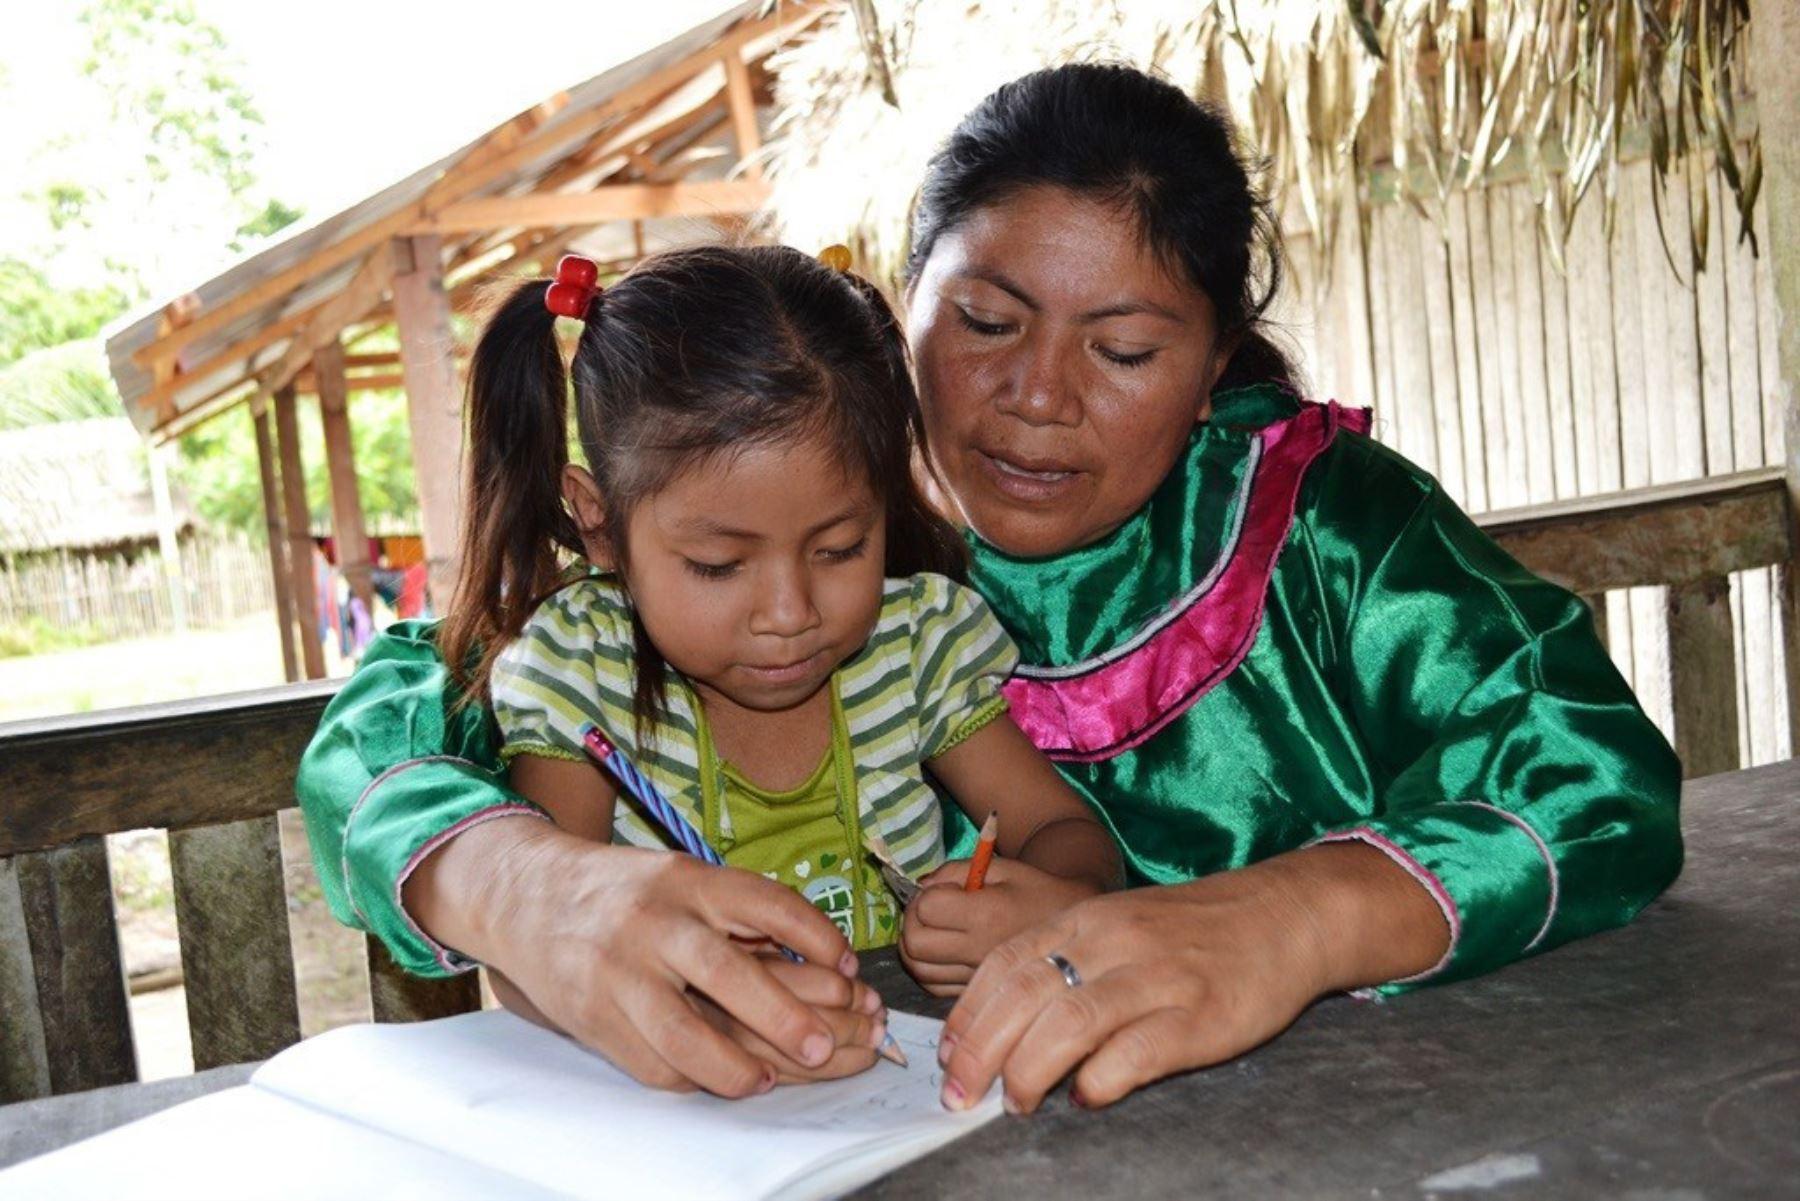 Día de la Lengua Materna: Perú cuenta con 48 lenguas originarias, de las cuales 4 son andinas y 44 son amazónicas. ANDINA/Difusión